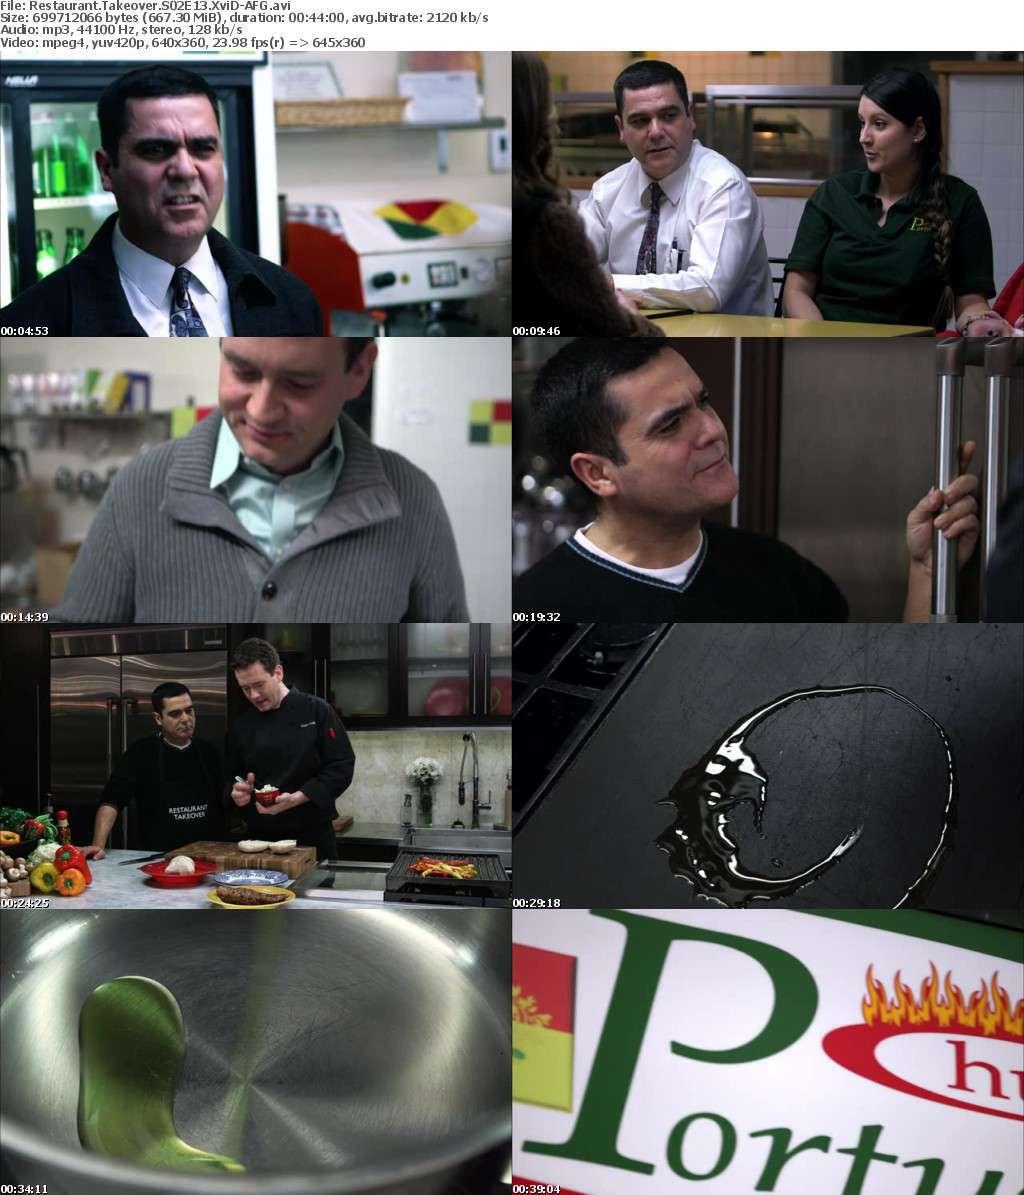 Restaurant Takeover S02E13 XviD-AFG